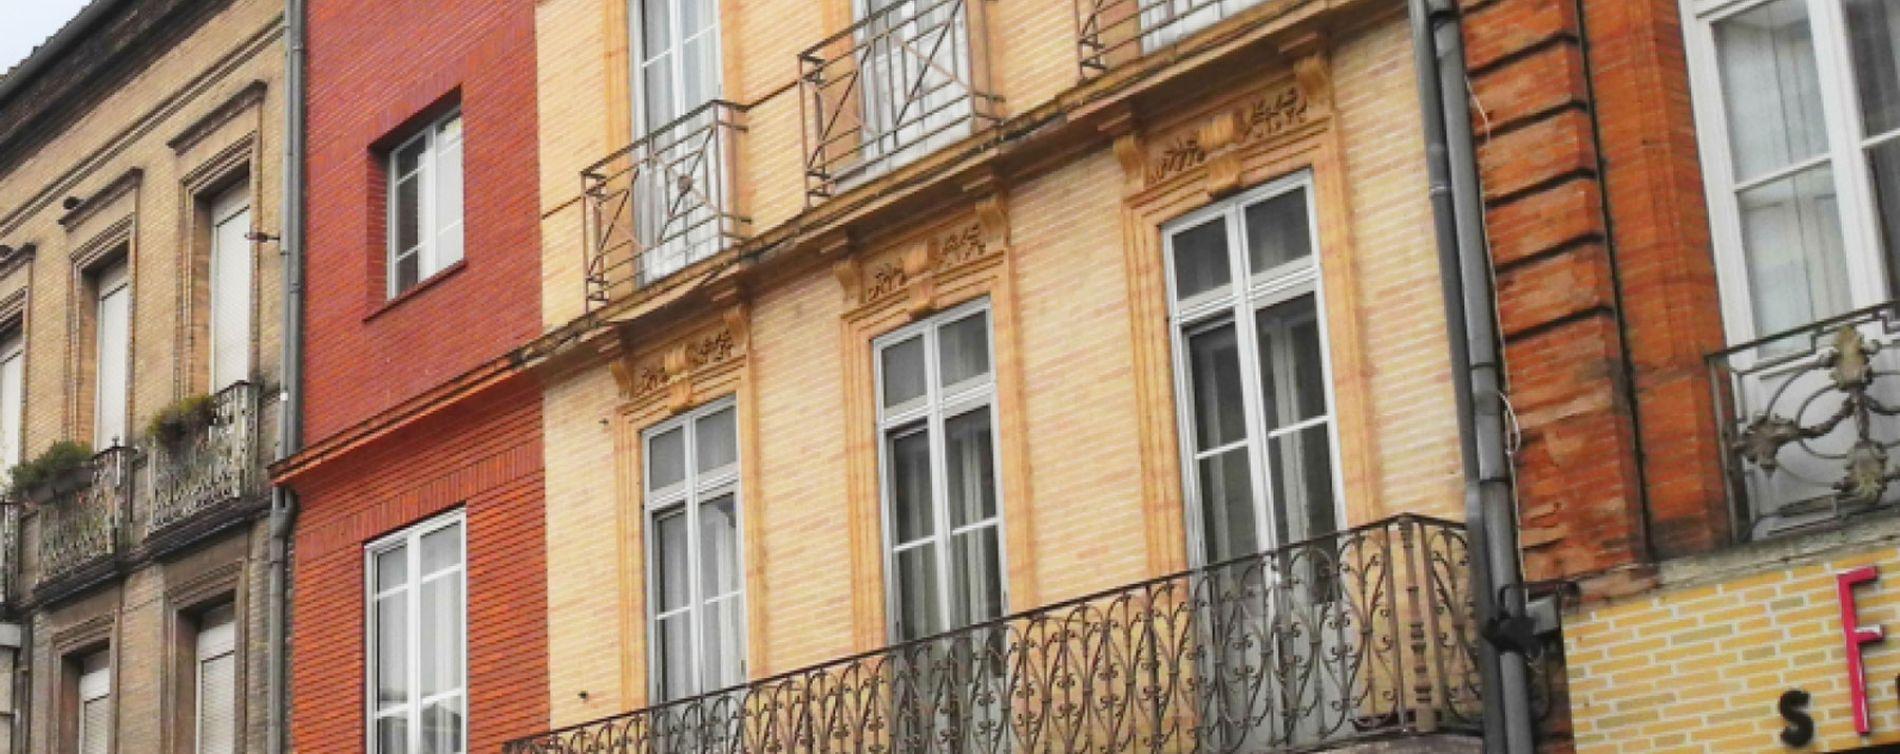 Toulouse : programme immobilier à rénover « 27 Rue de la République » en Loi Pinel ancien